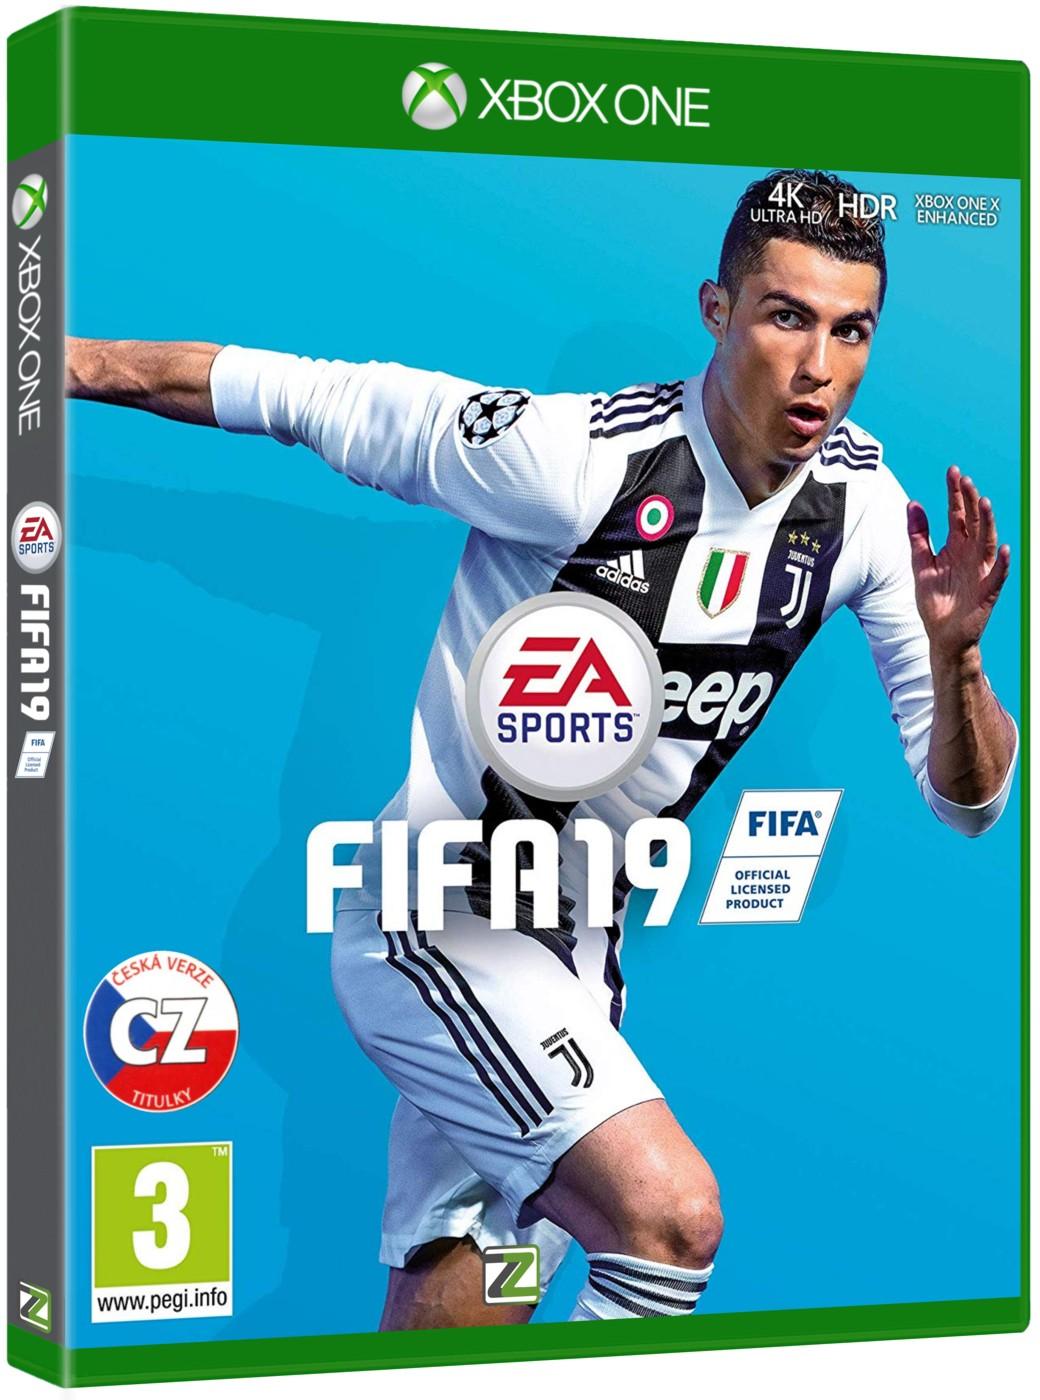 FIFA 19 - Xone